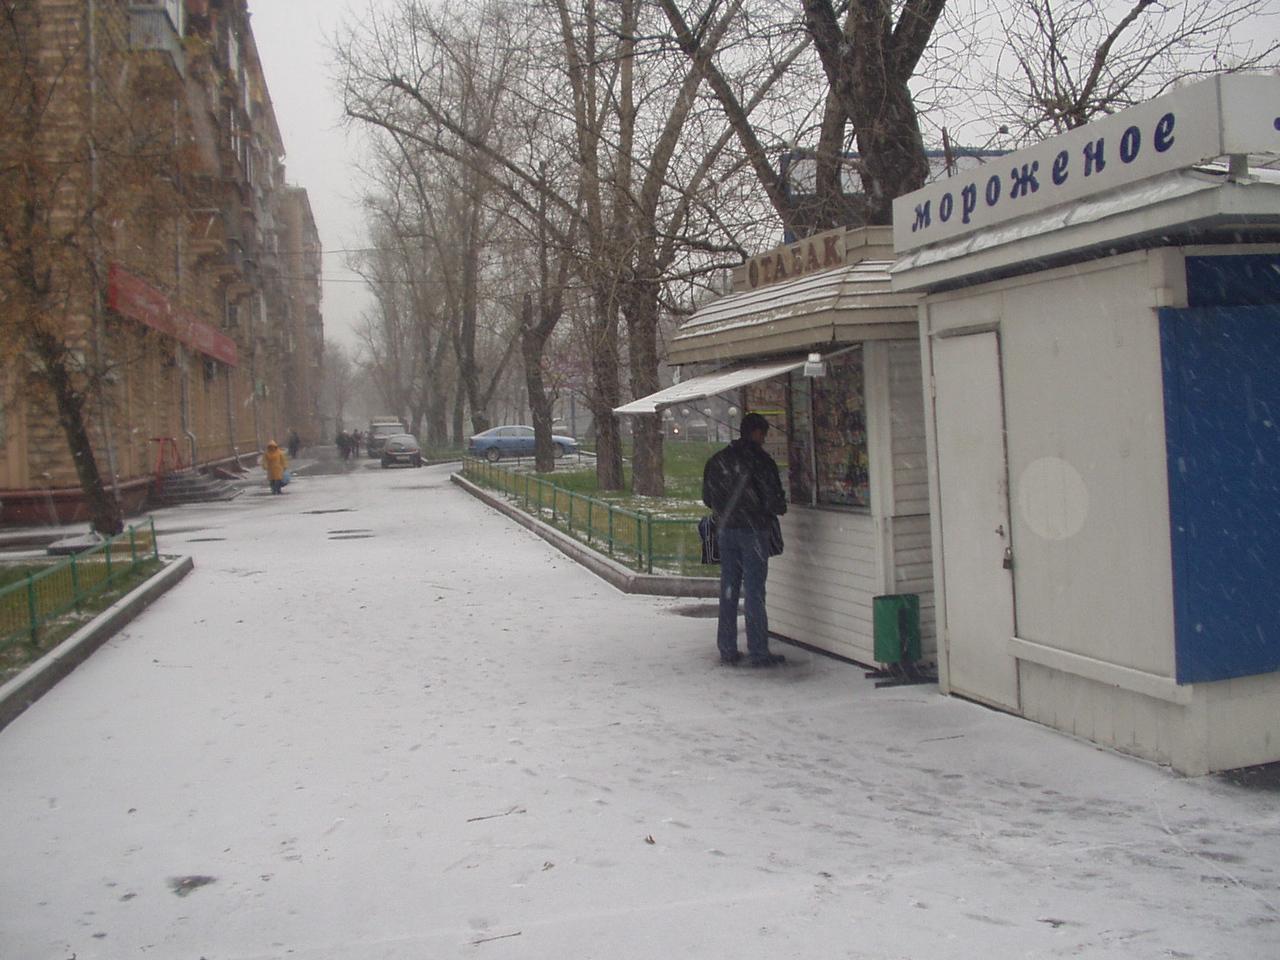 then it snowed